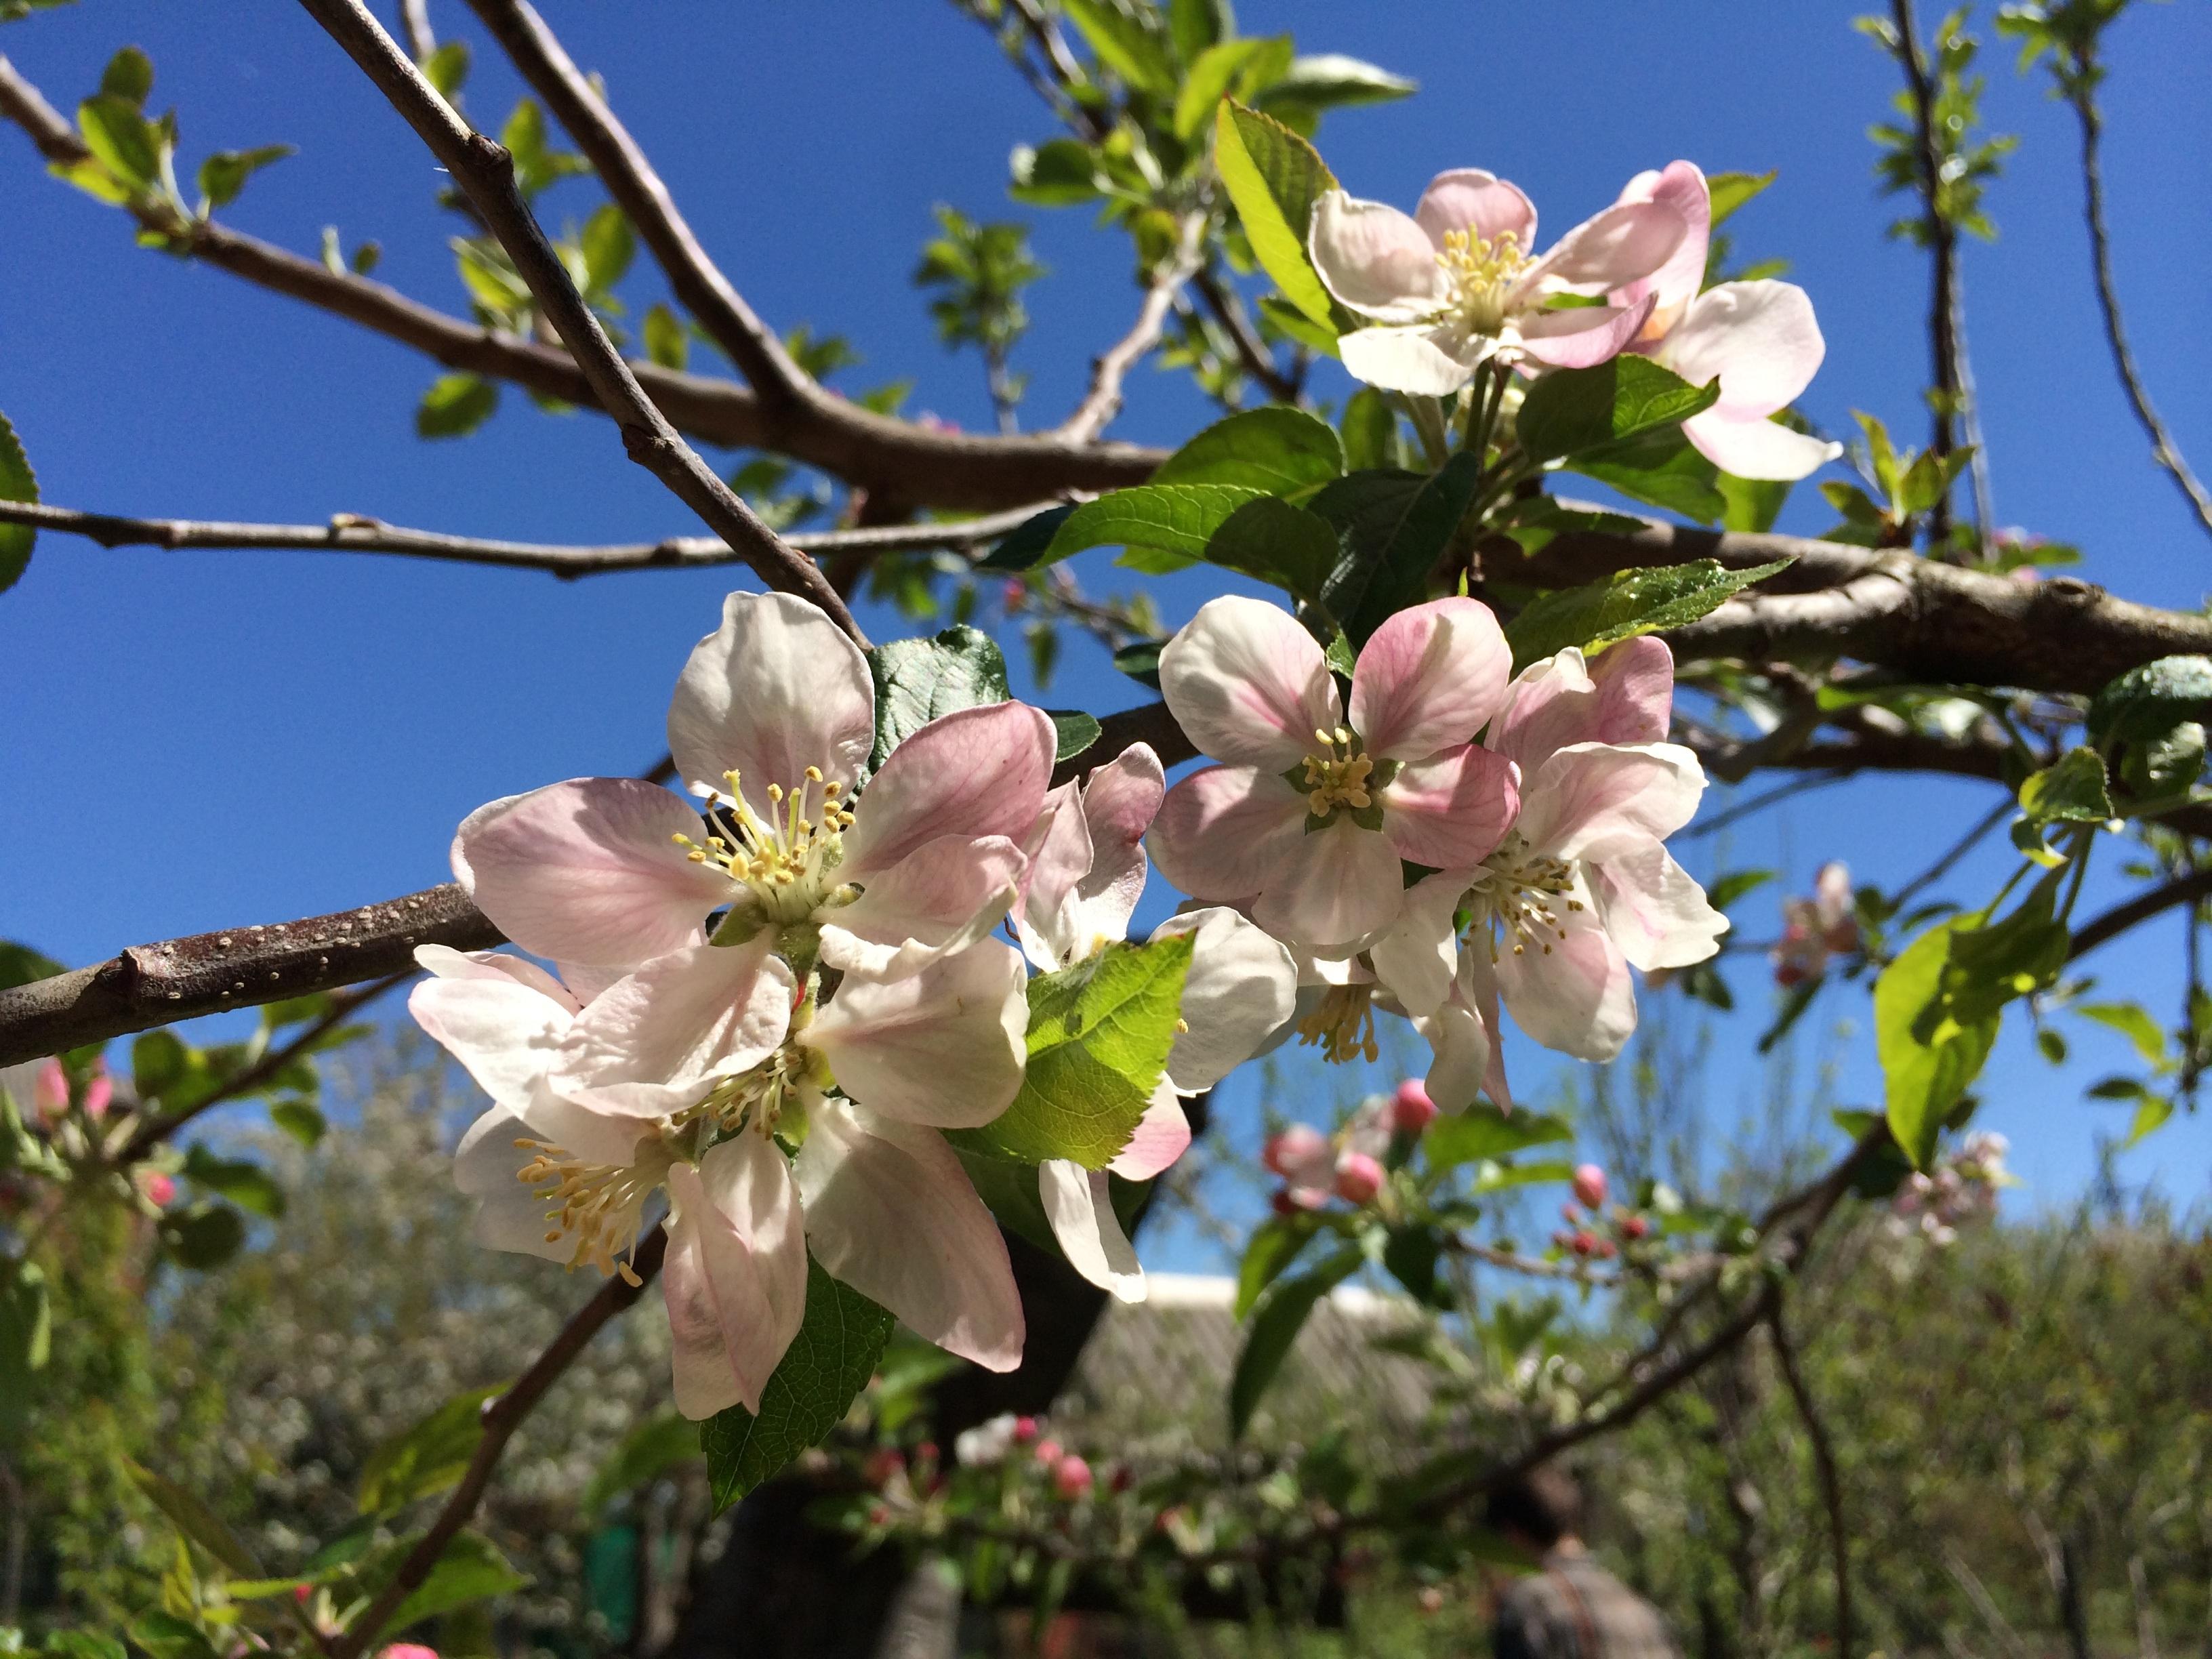 images gratuites arbre la nature branche aliments printemps produire botanique flore. Black Bedroom Furniture Sets. Home Design Ideas